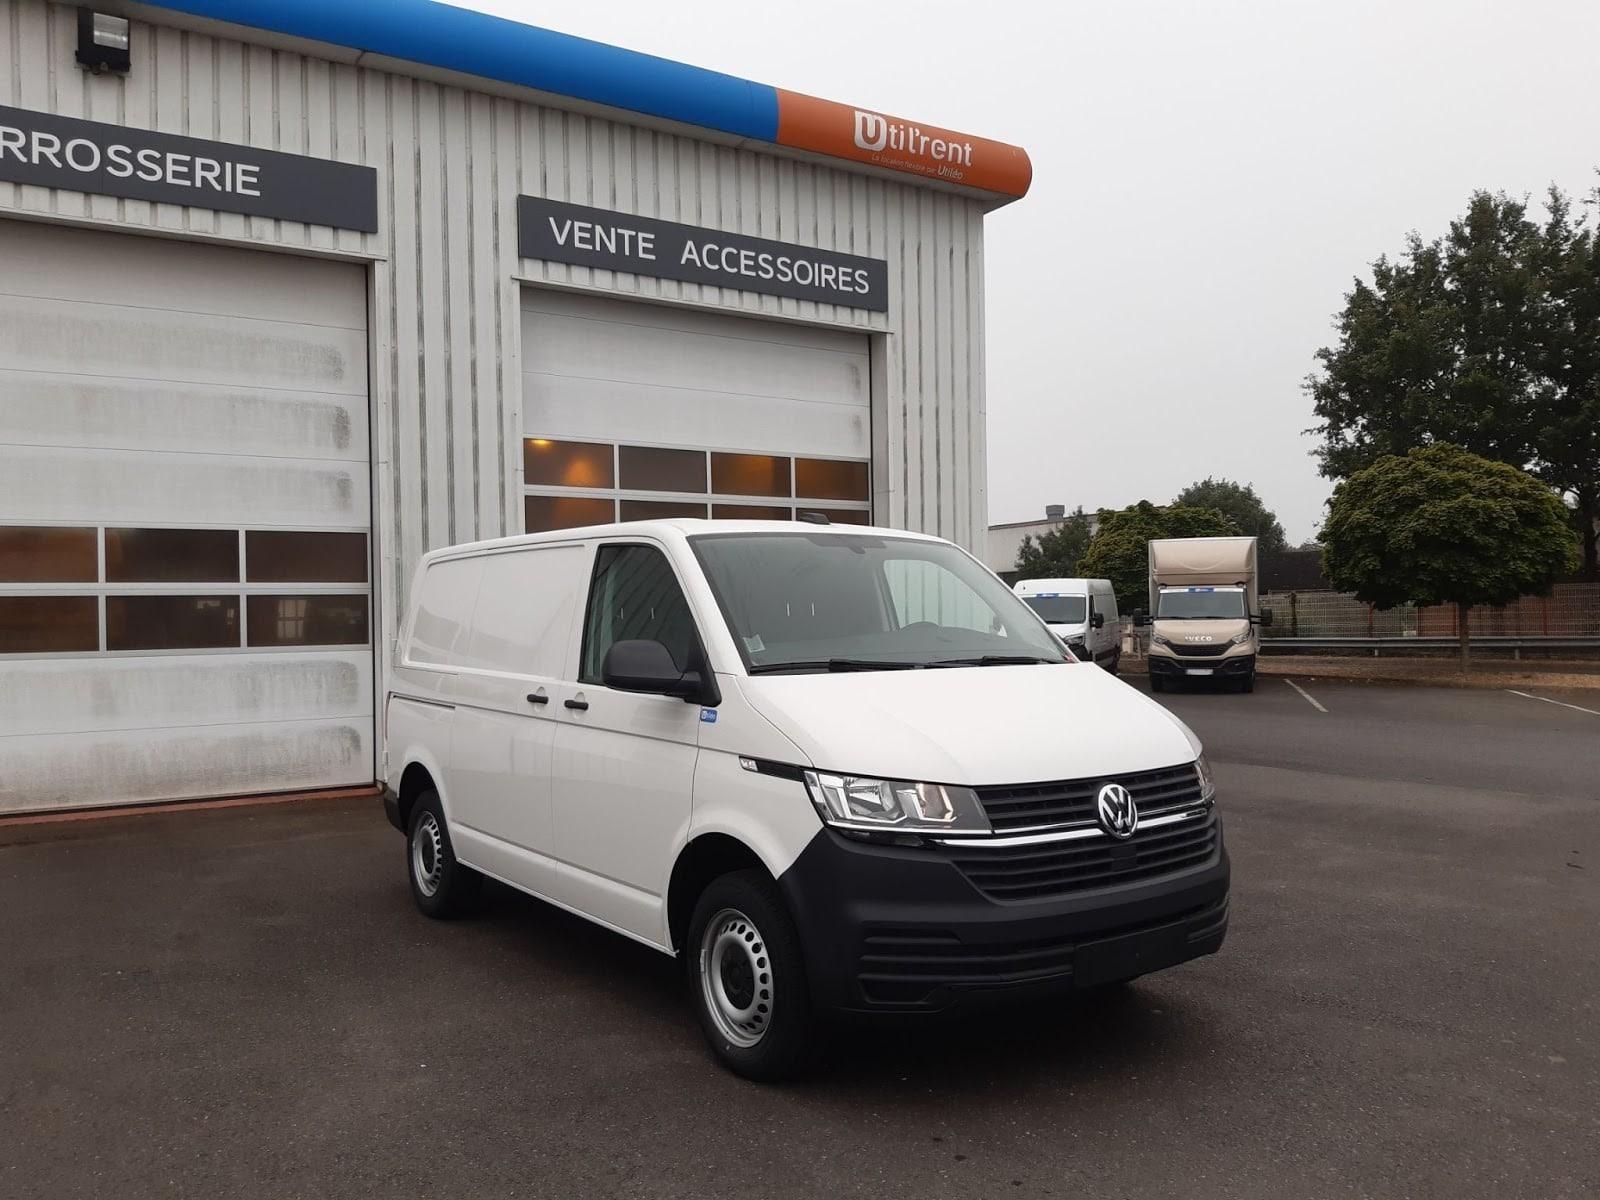 Arrivage d'un fourgon compact Volkswagen Transporter 6.1 disponible en location longue durée - Vue1